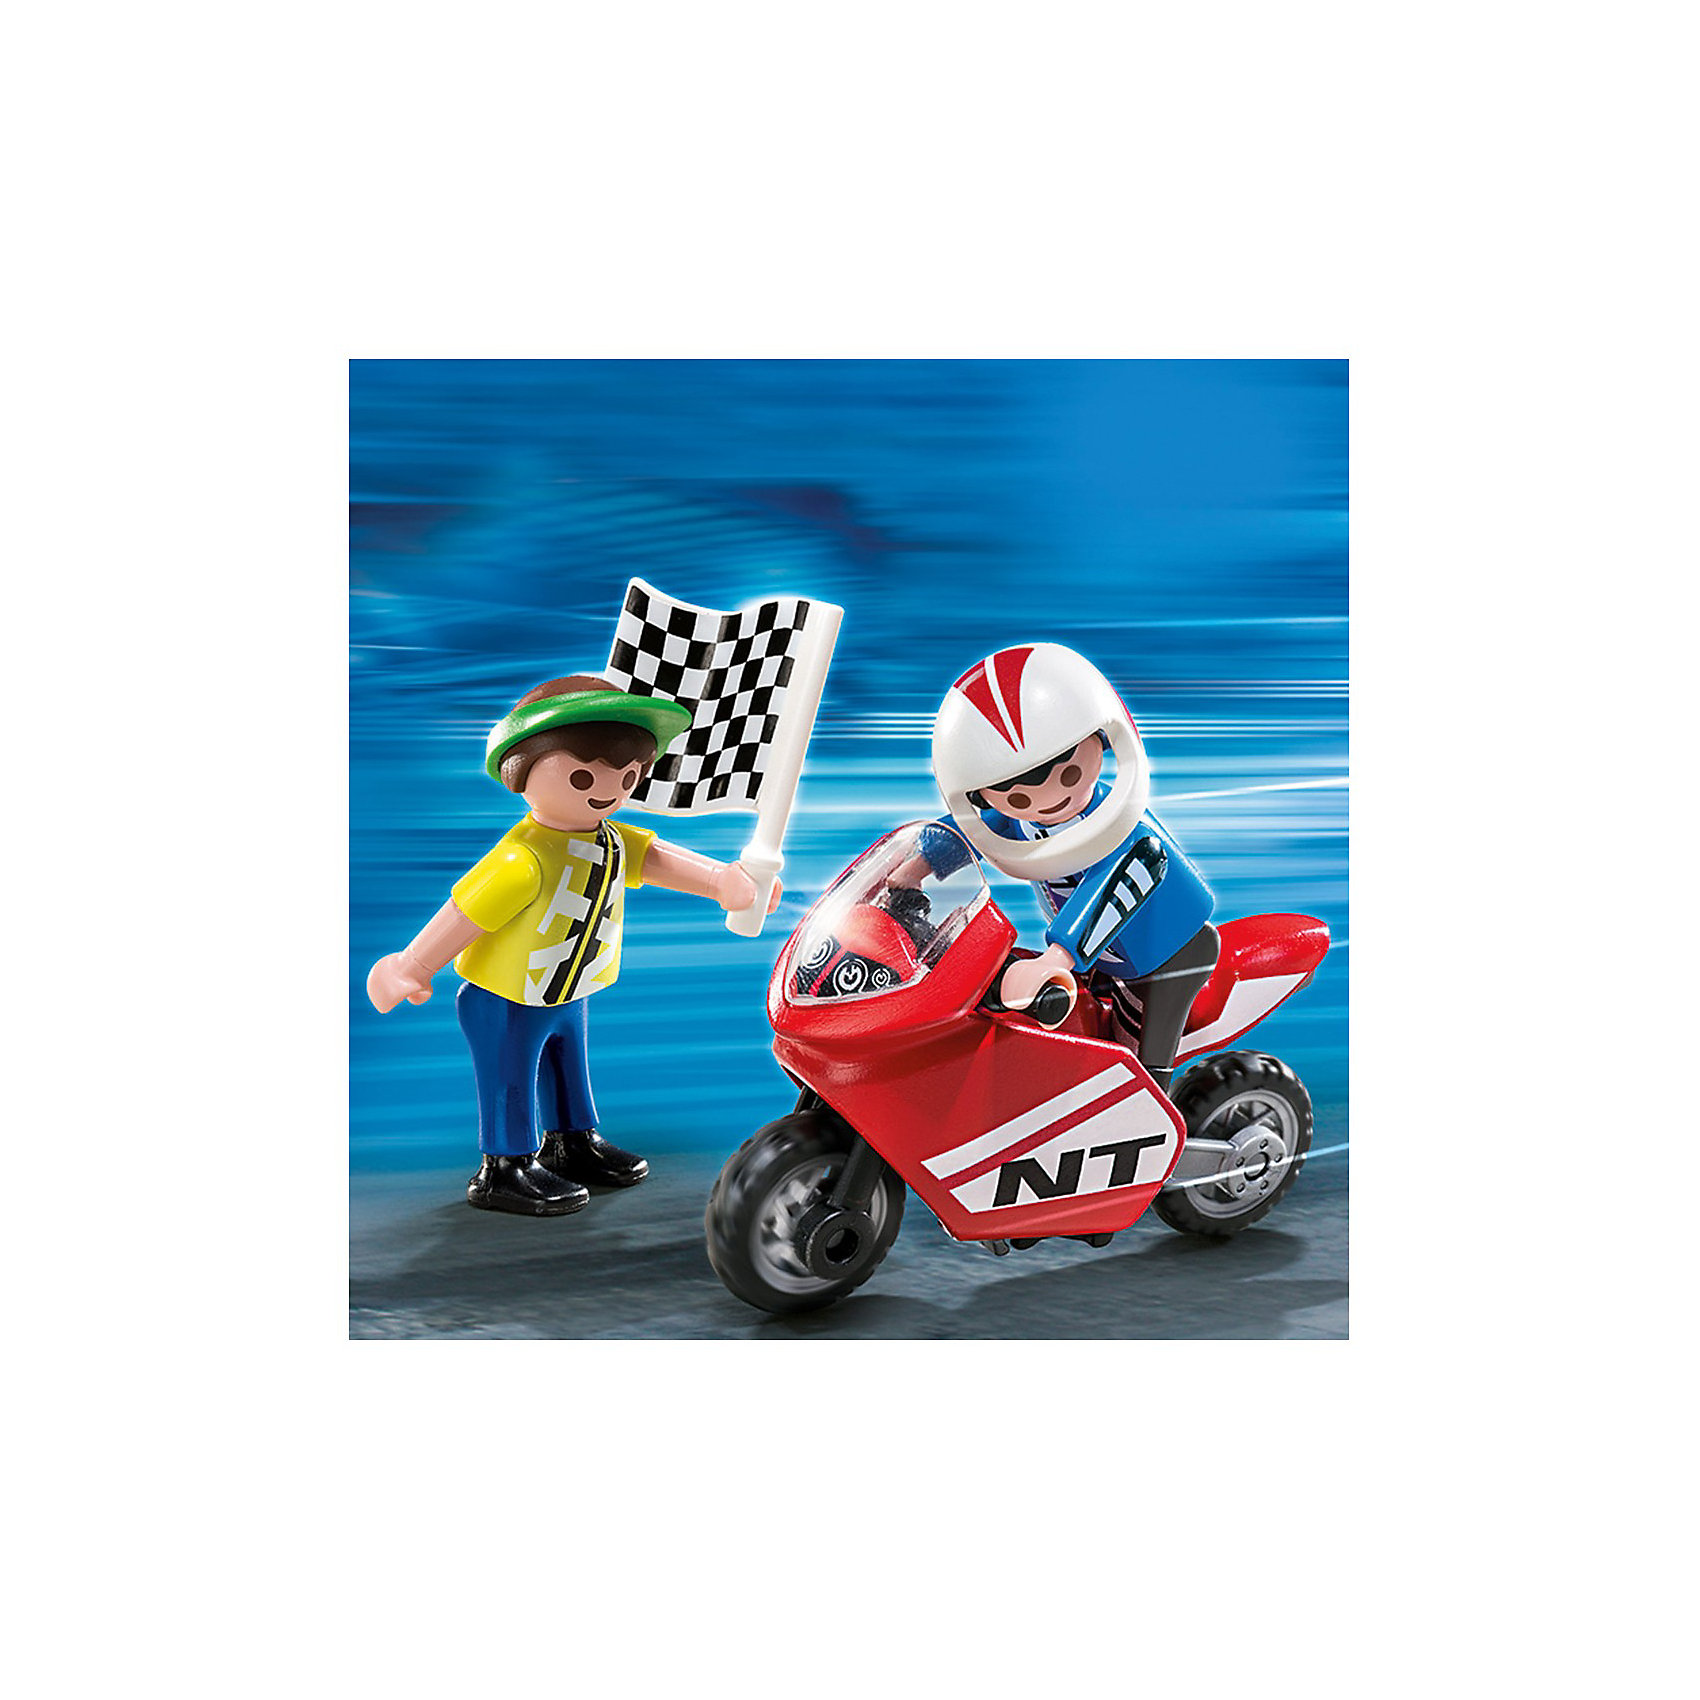 PLAYMOBIL® Экстра-набор: Мальчики с гоночным мотоциклом, PLAYMOBIL playmobil мальчики с гоночным мотоциклом